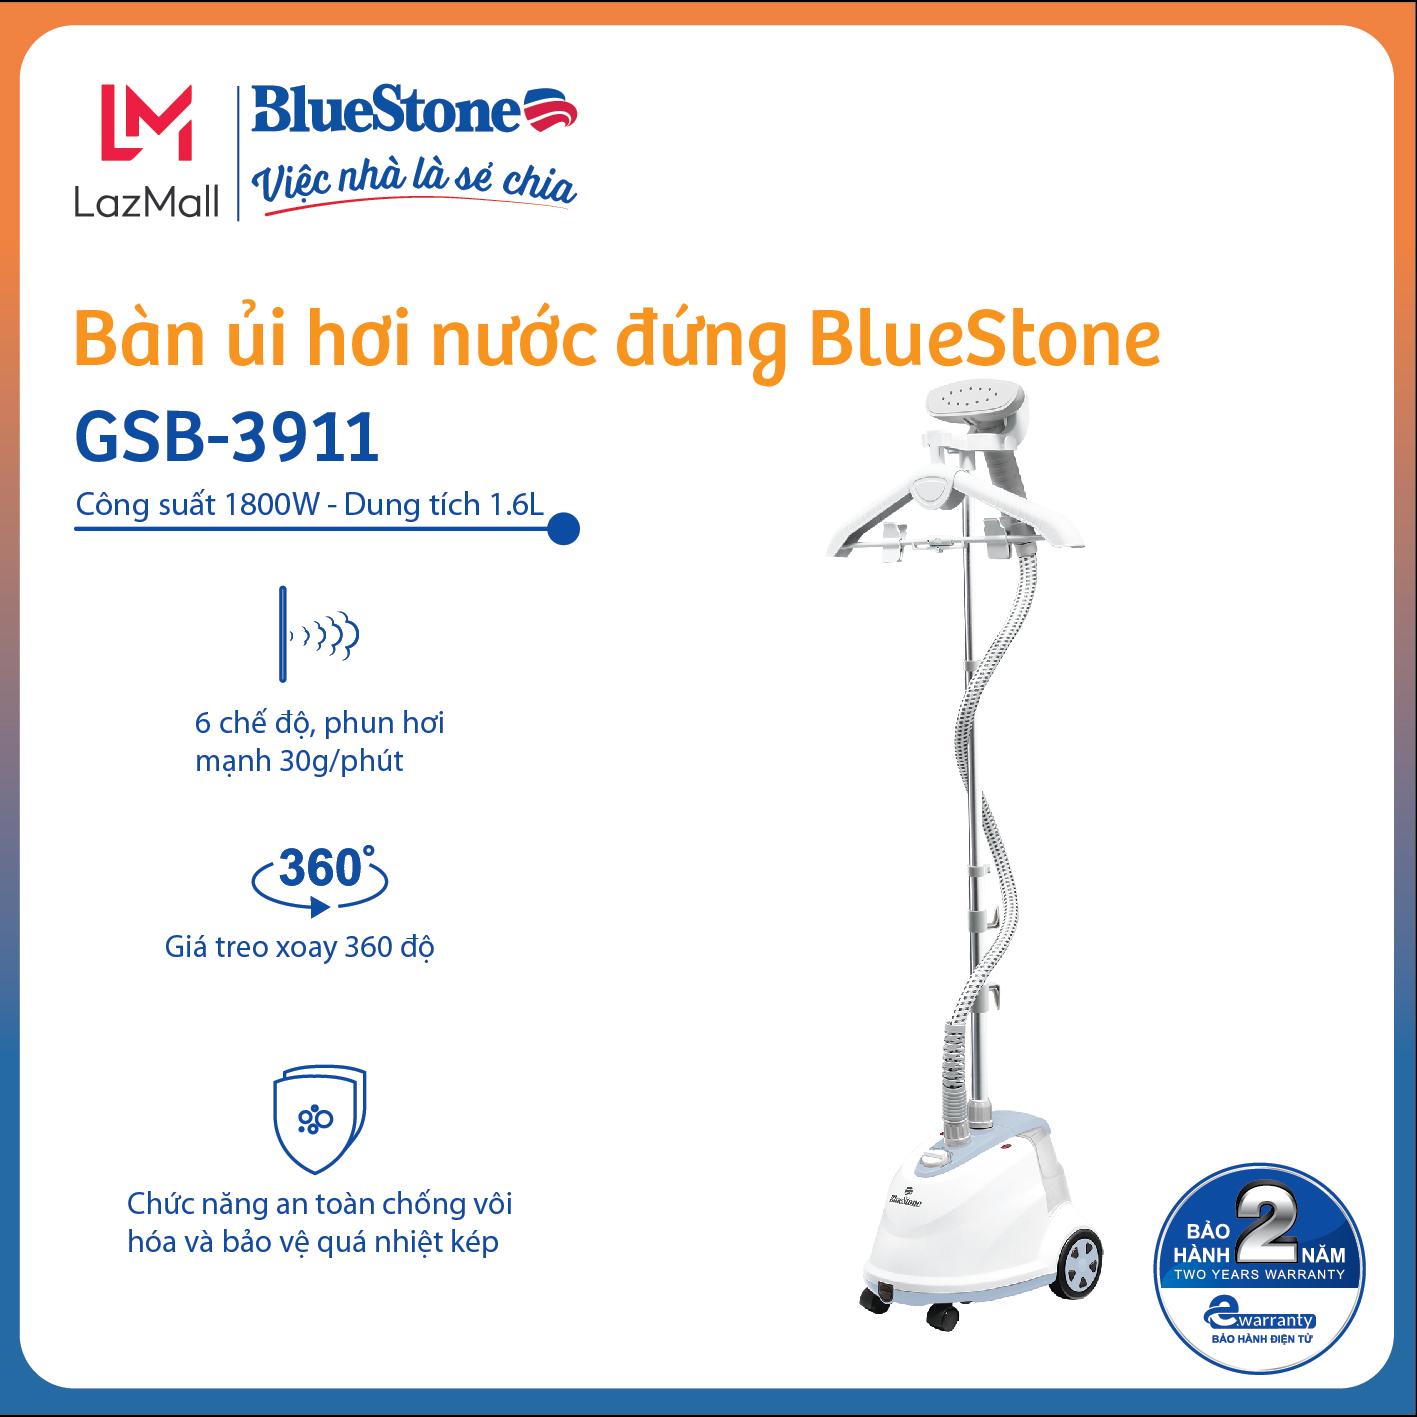 [Còn 969k-27-29.3] Bàn ủi hơi nước đứng BlueStone GSB-3911 1800W 1.6L phun hơi 30g/phút, 6 chế độ, giá treo xoay...